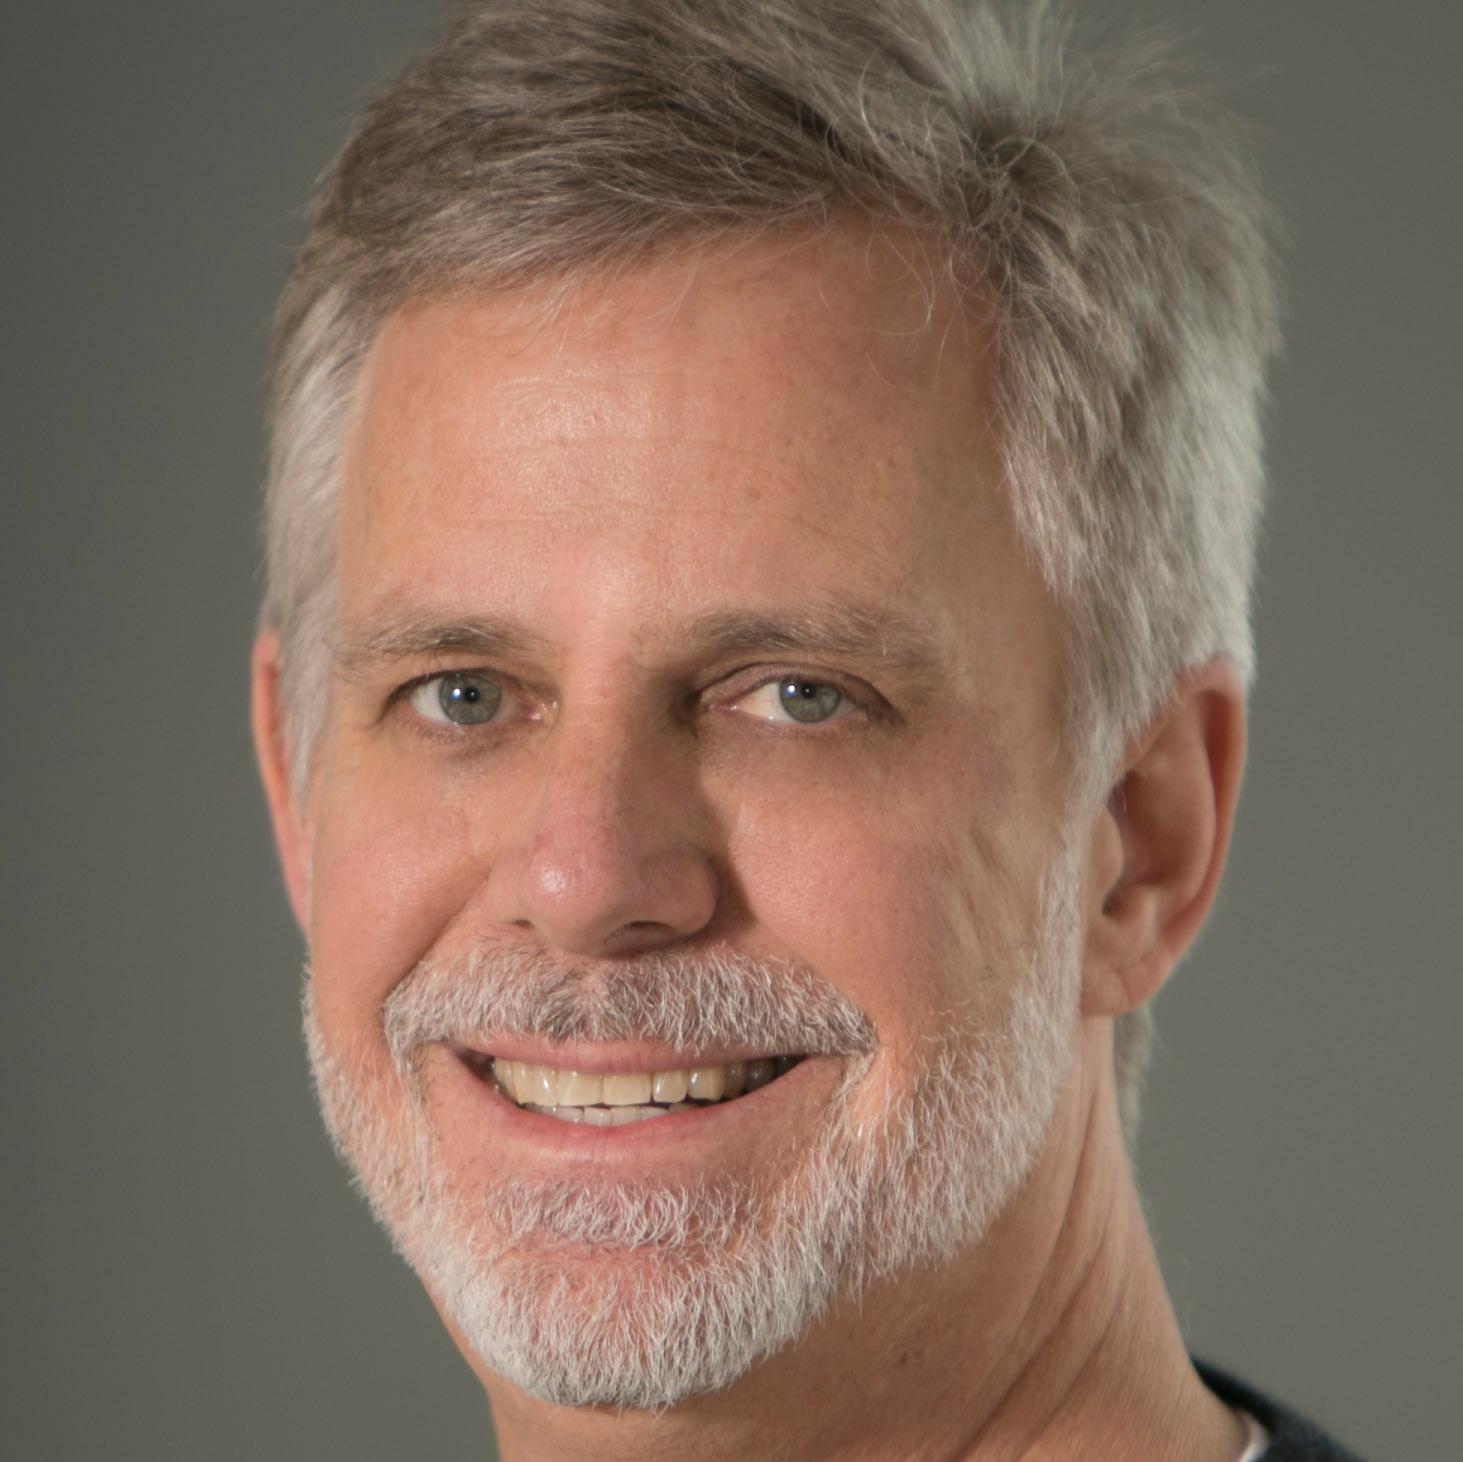 David Petkiewicz